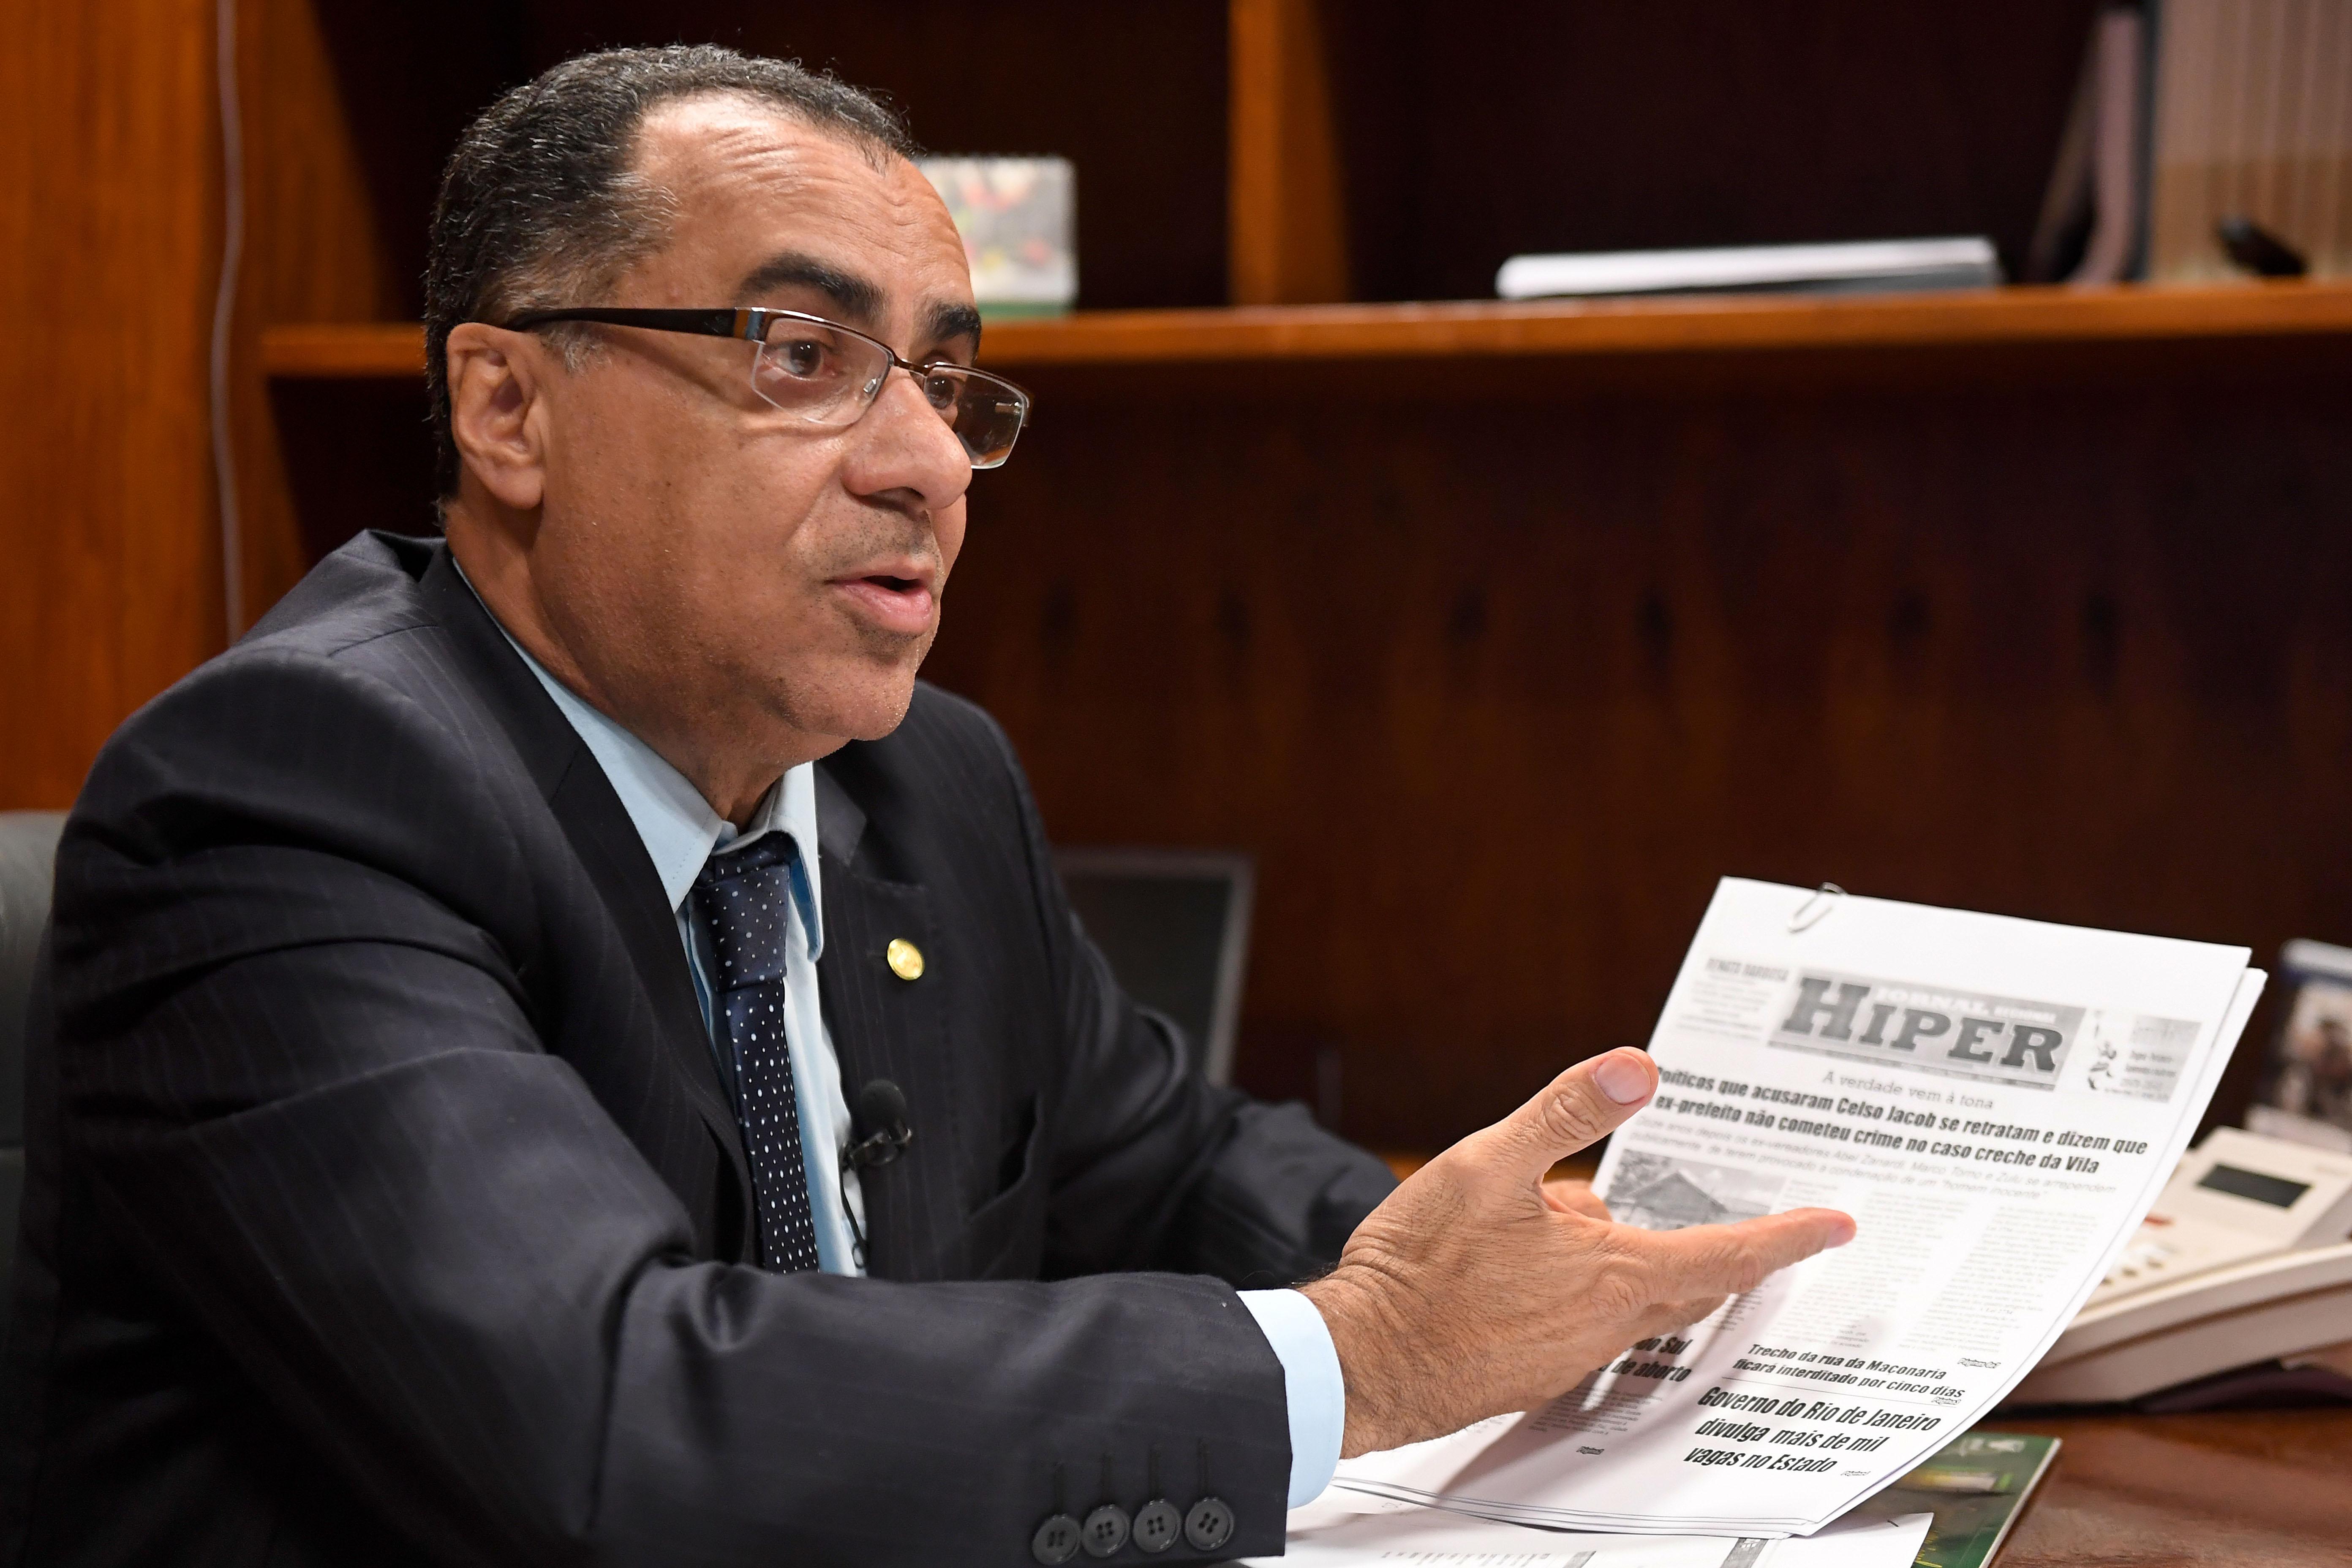 النائب في البرلمان البرازيلي سيسلو جاكوب